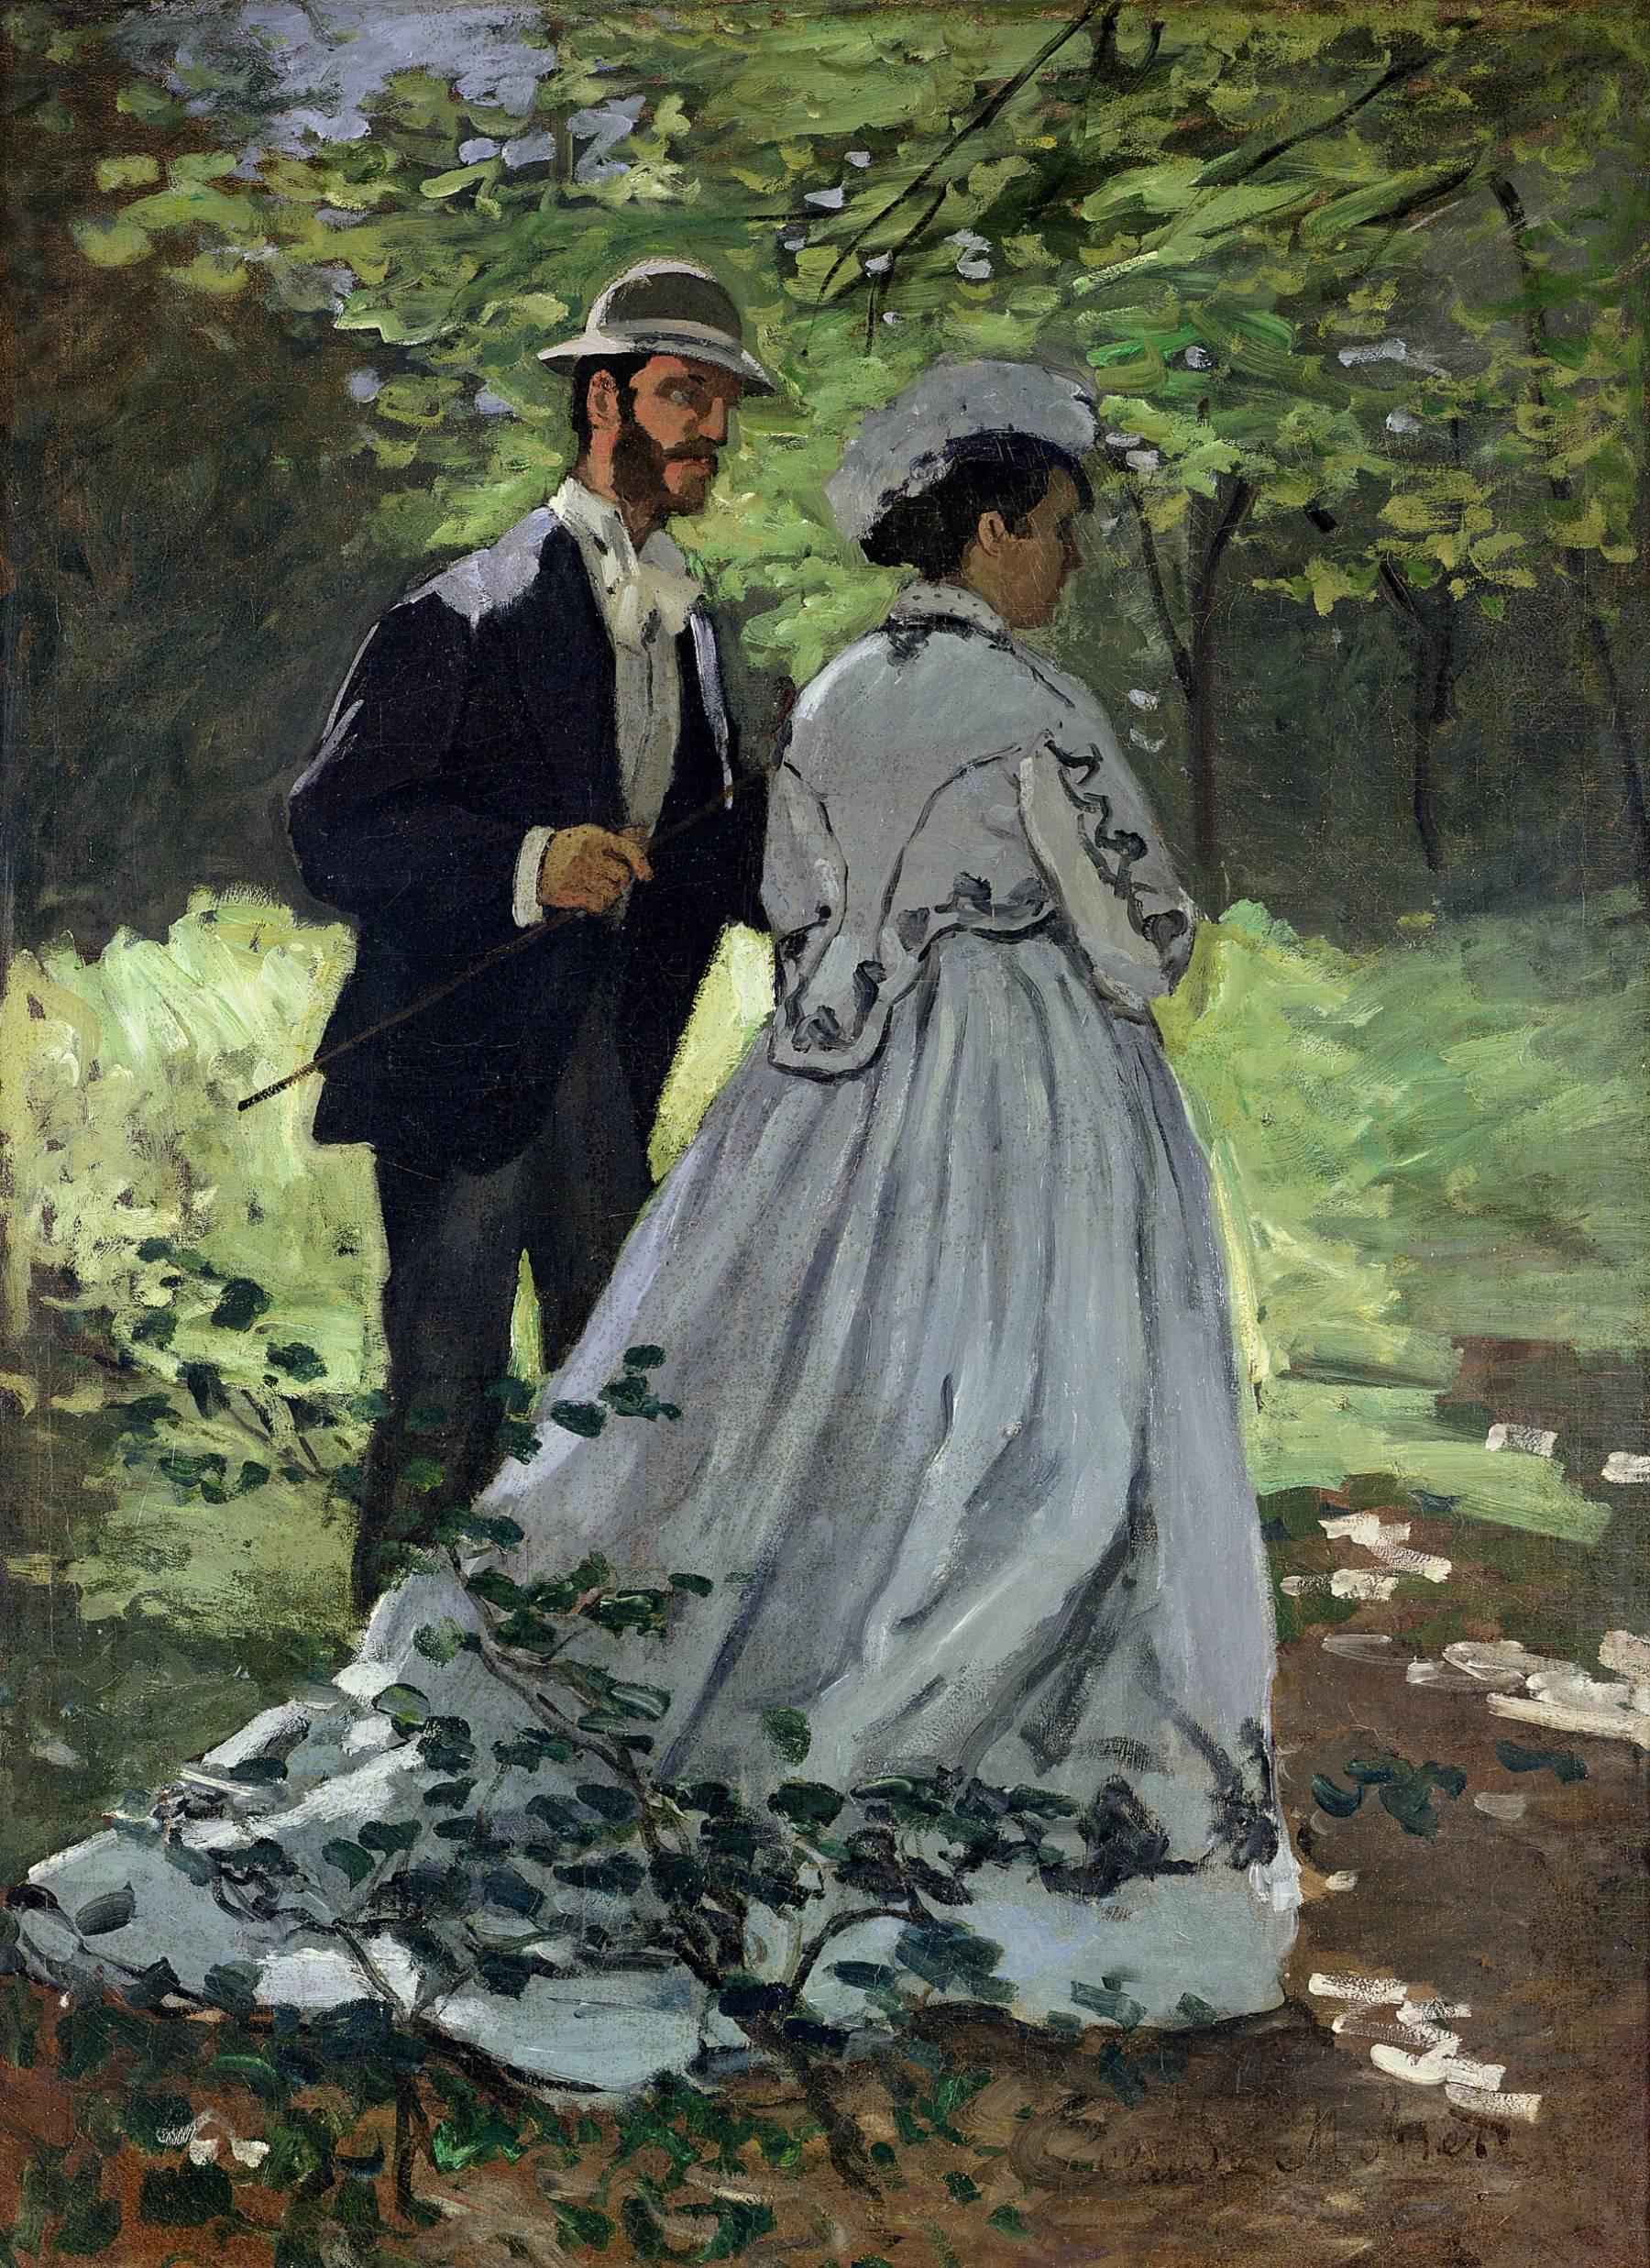 Claude Monet, Les Promeneurs. Étude pour Le Déjeuner sur l'herbe